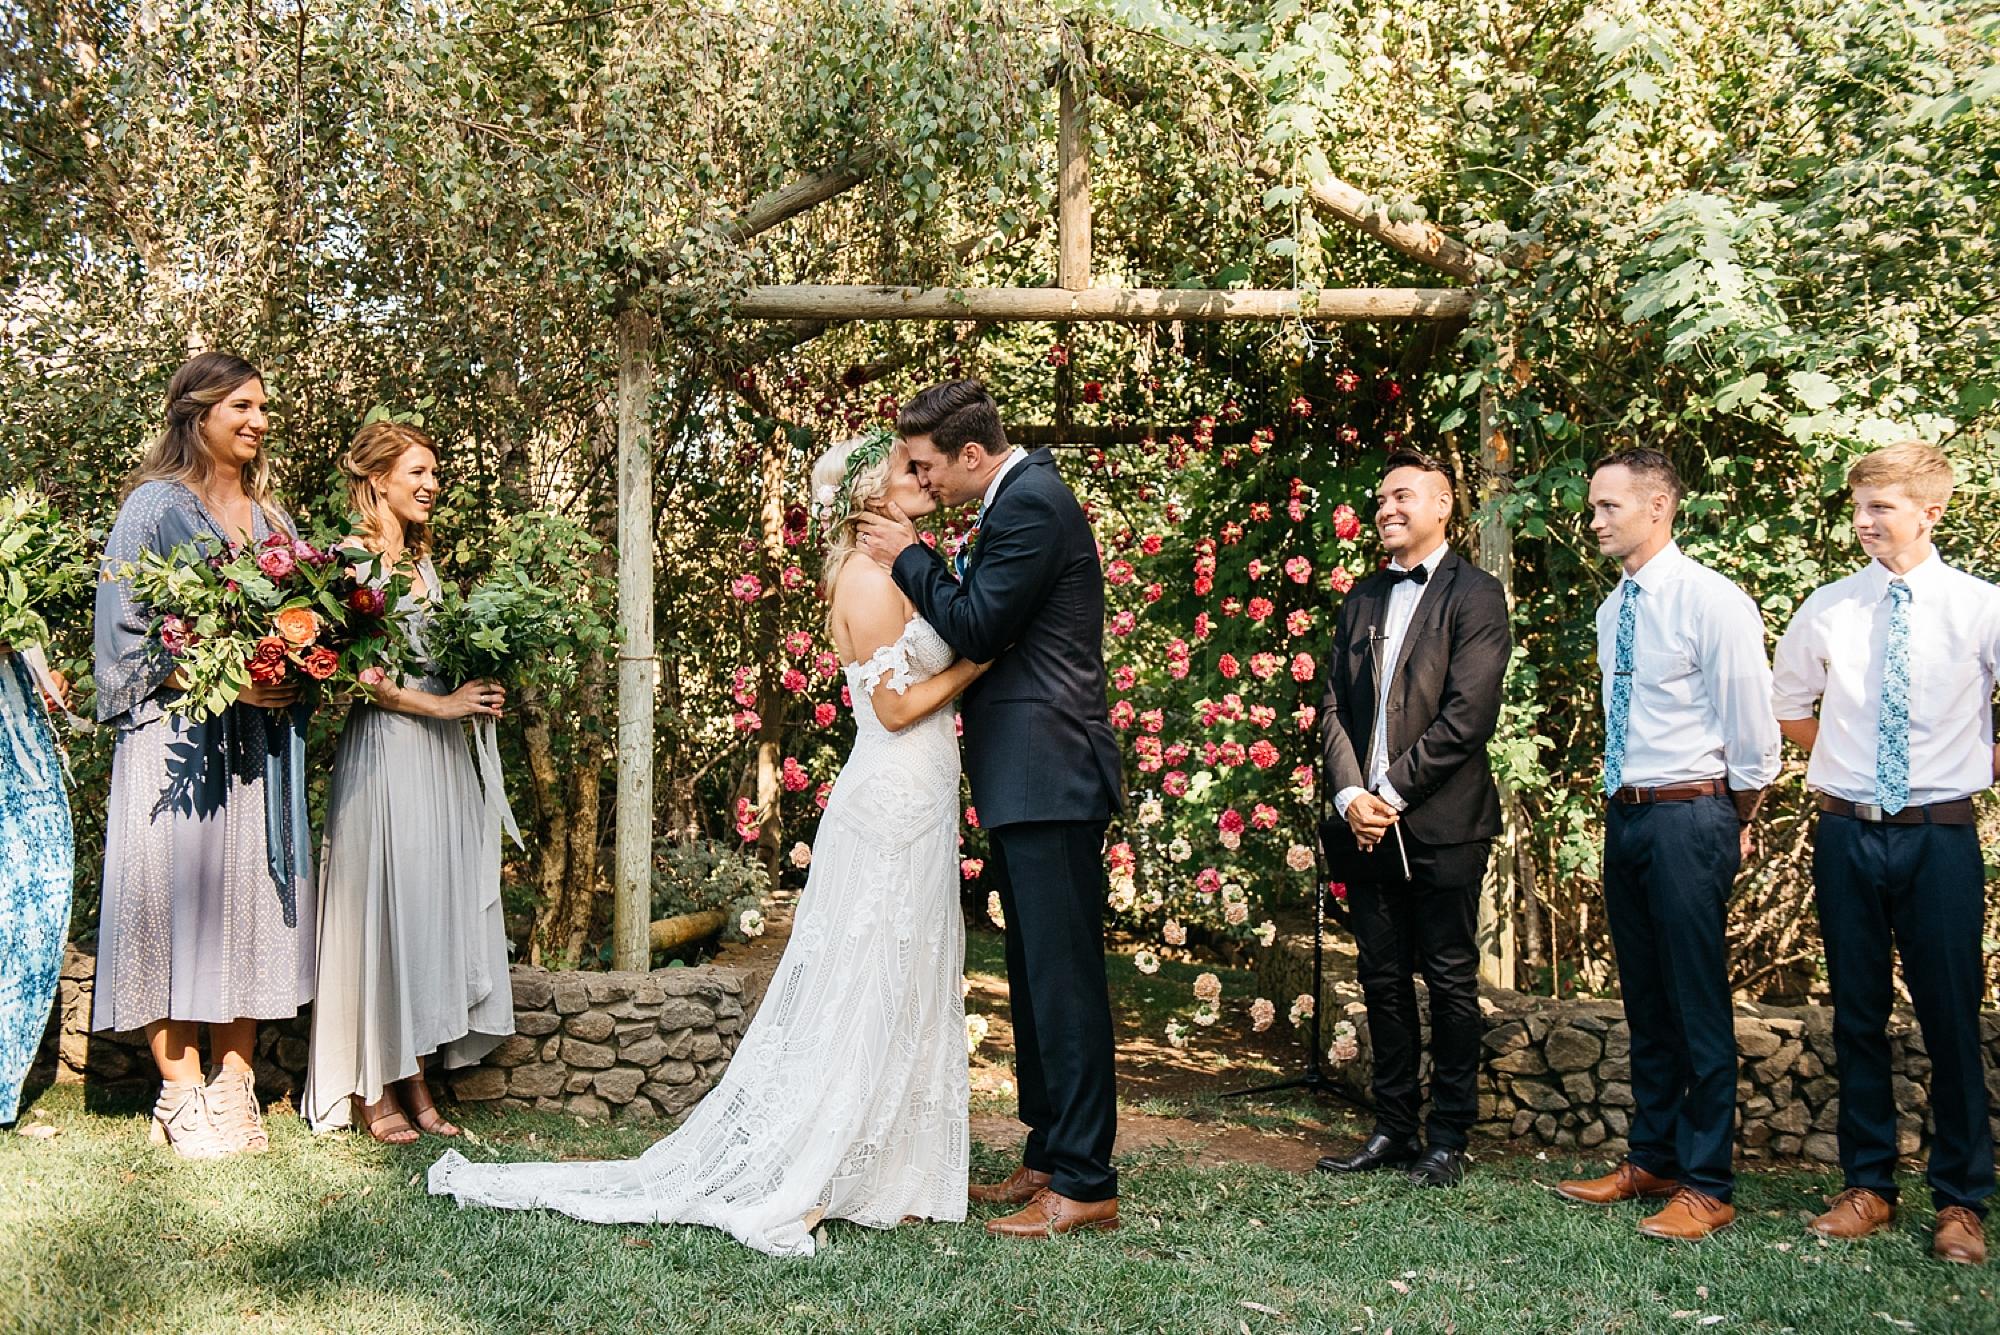 christina-cory-wedding023_WEB.jpg